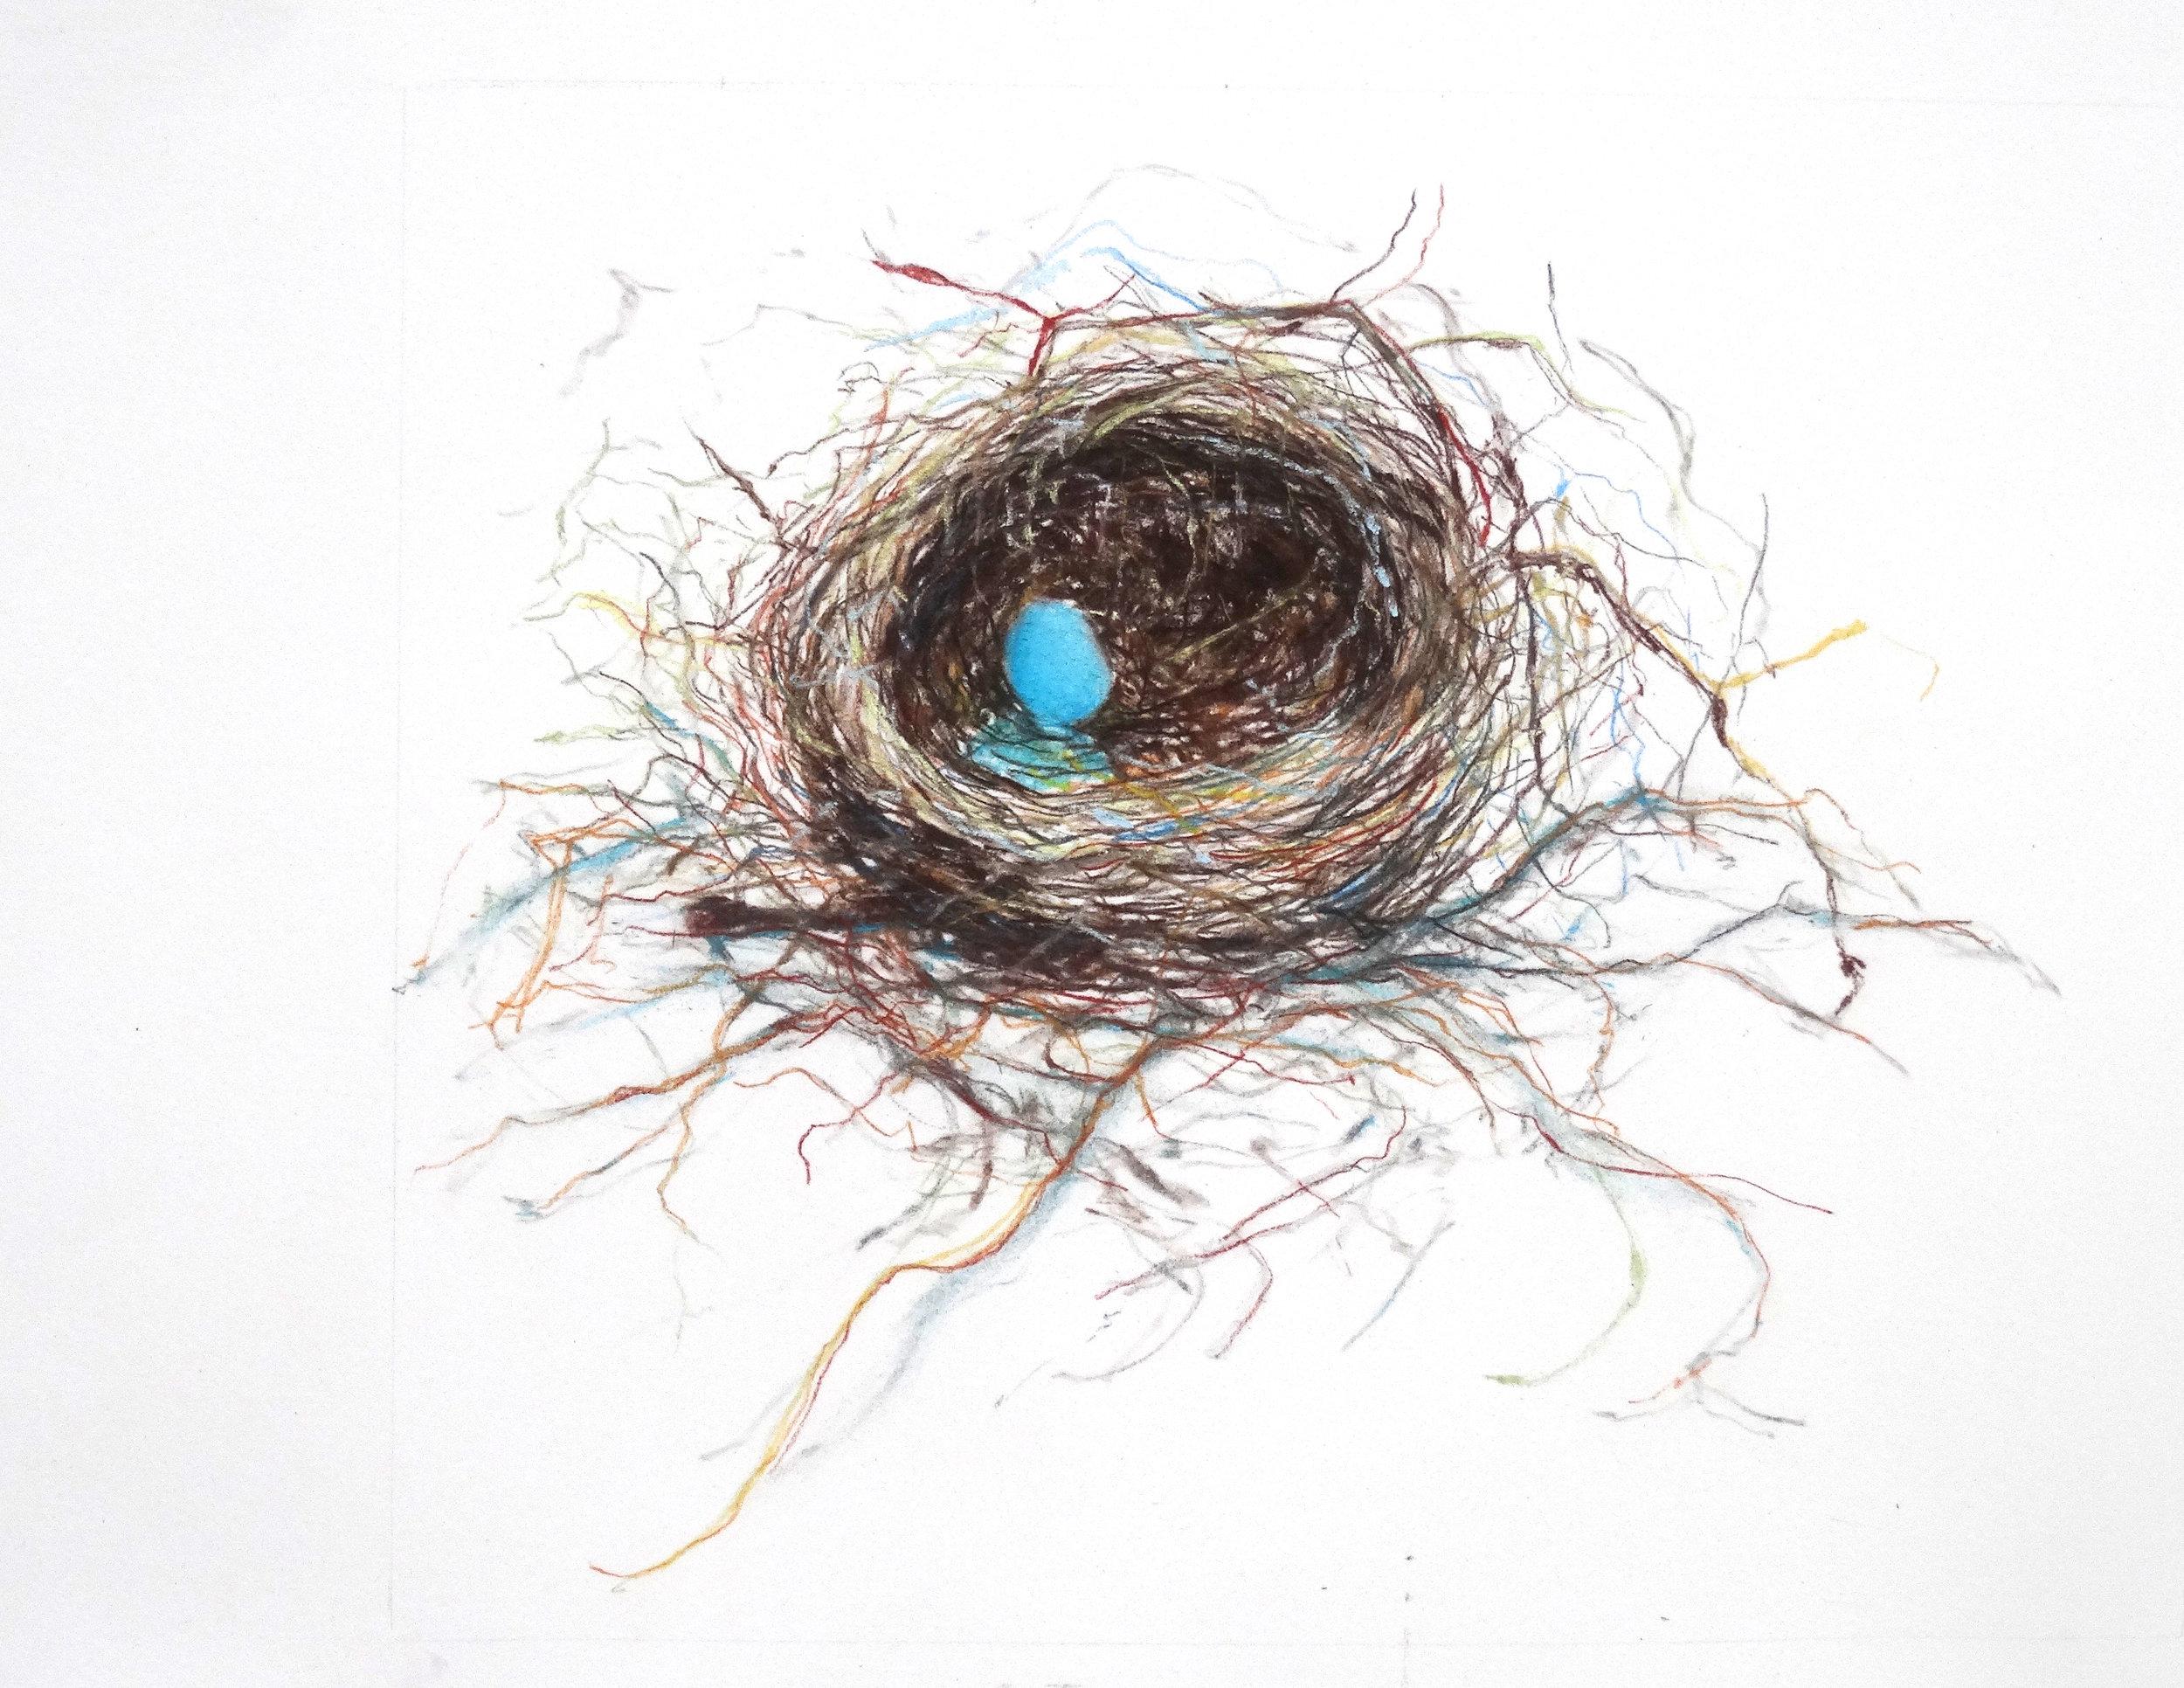 Fragile nest robin's egg